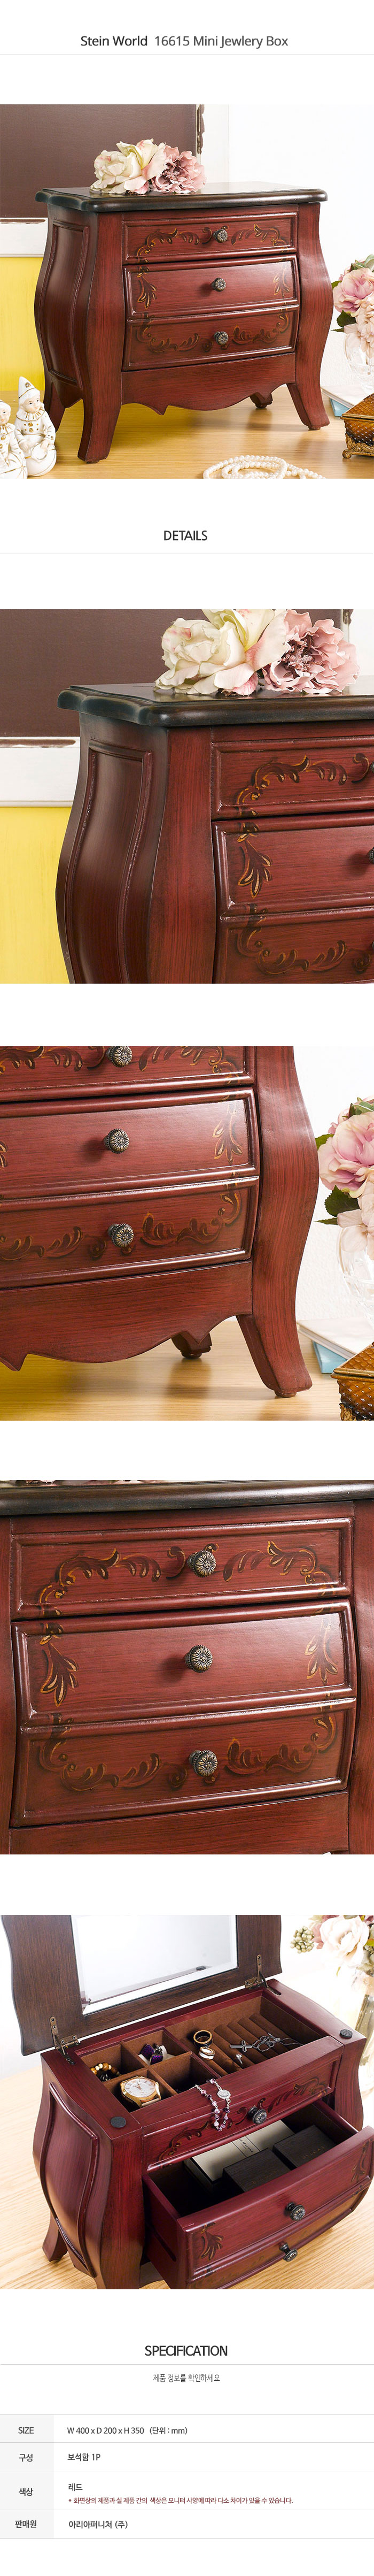 6_4_16615_Frida-Mini-Jewlery-Box.jpg